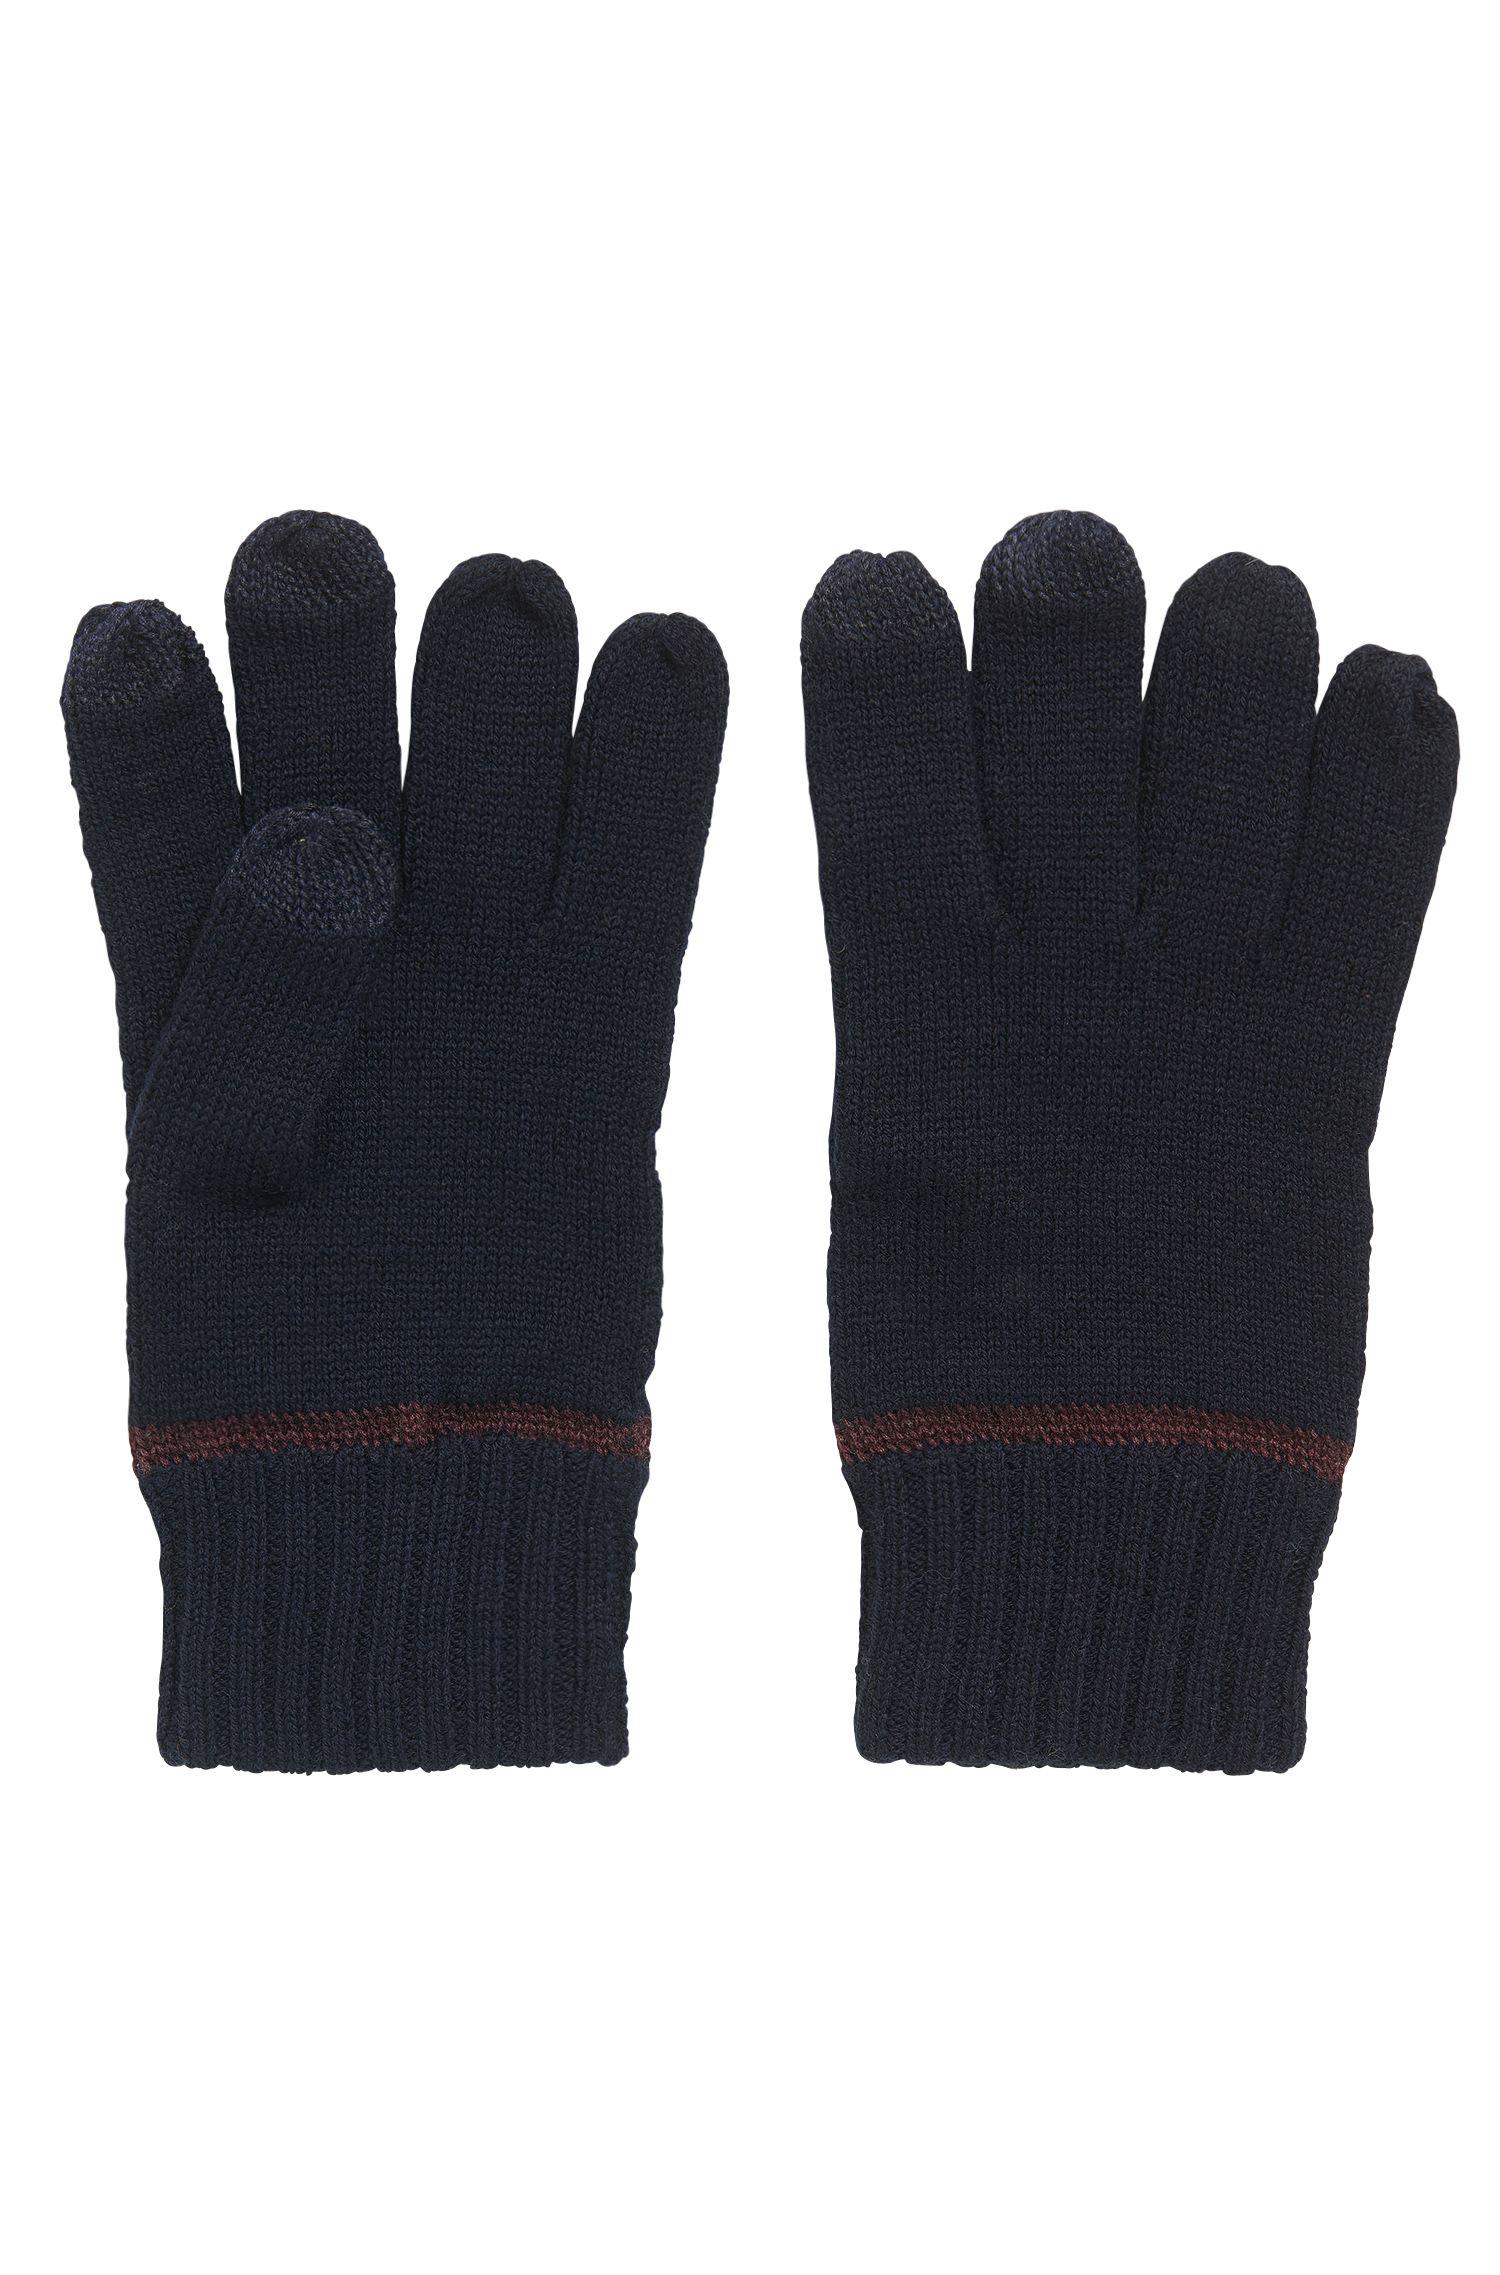 Guanti in misto lana con funzionalità touchscreen